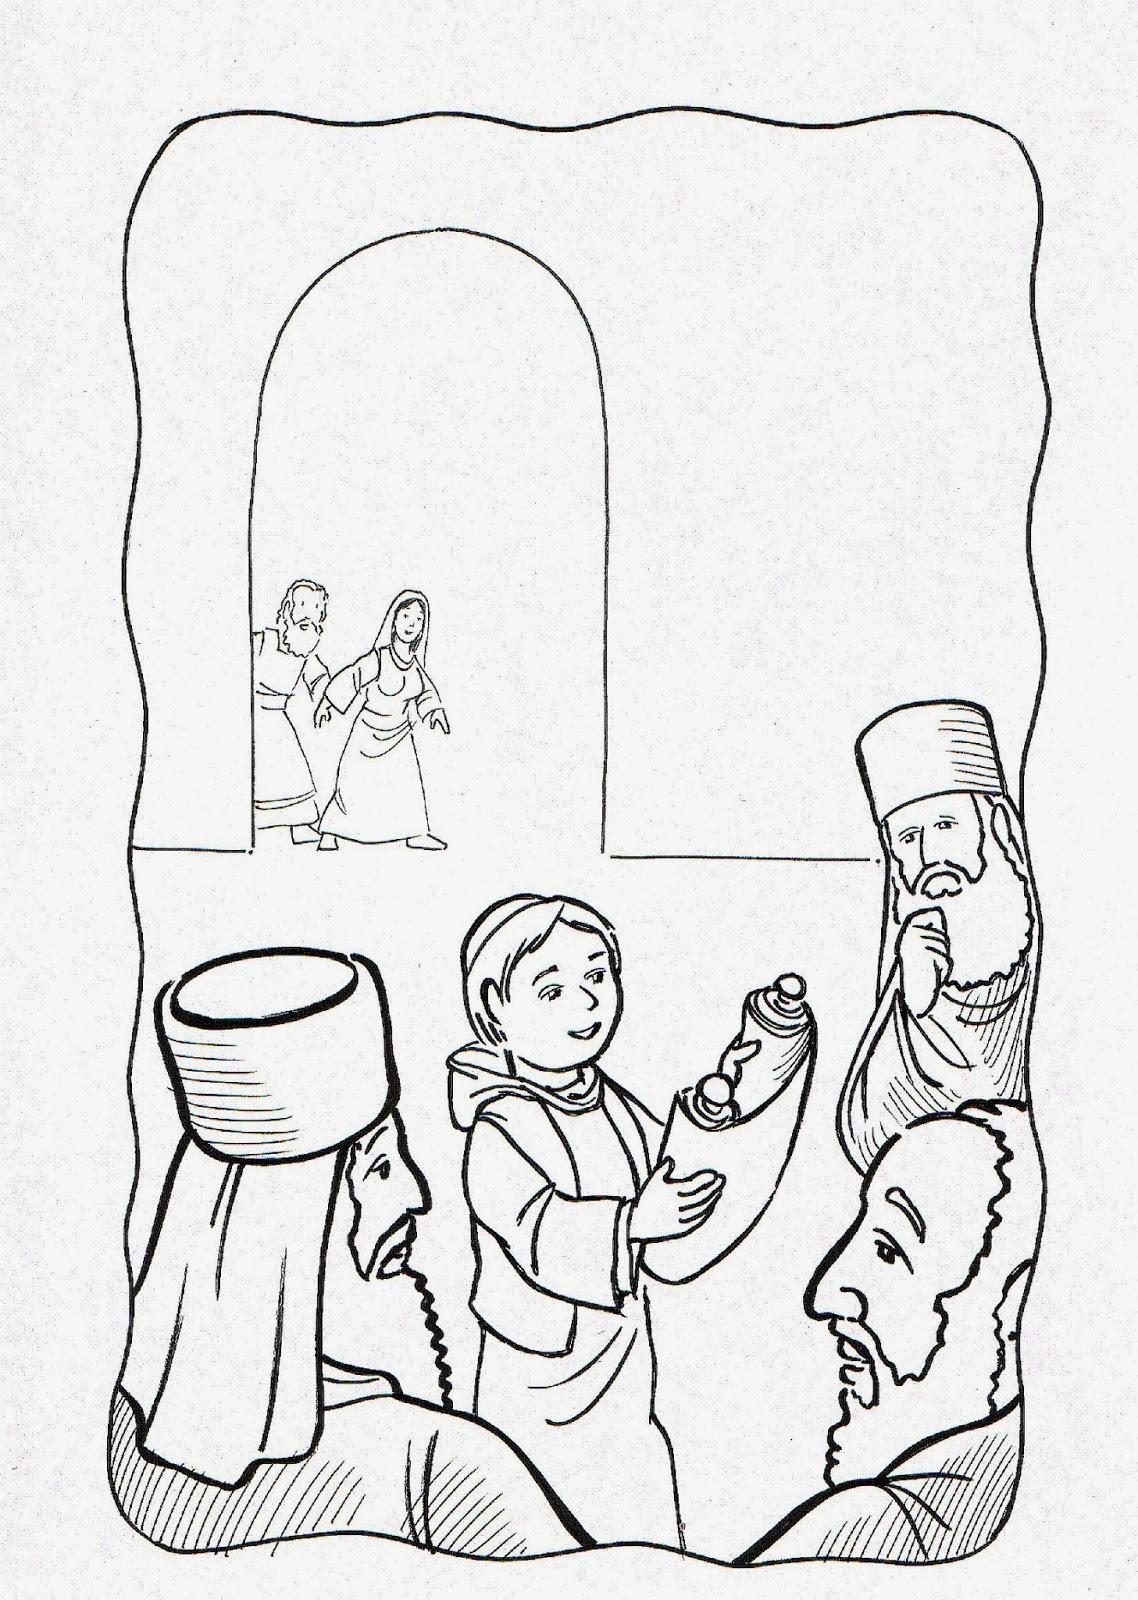 Imagenes Cristianas Para Colorear: Jesus En El Templo Para